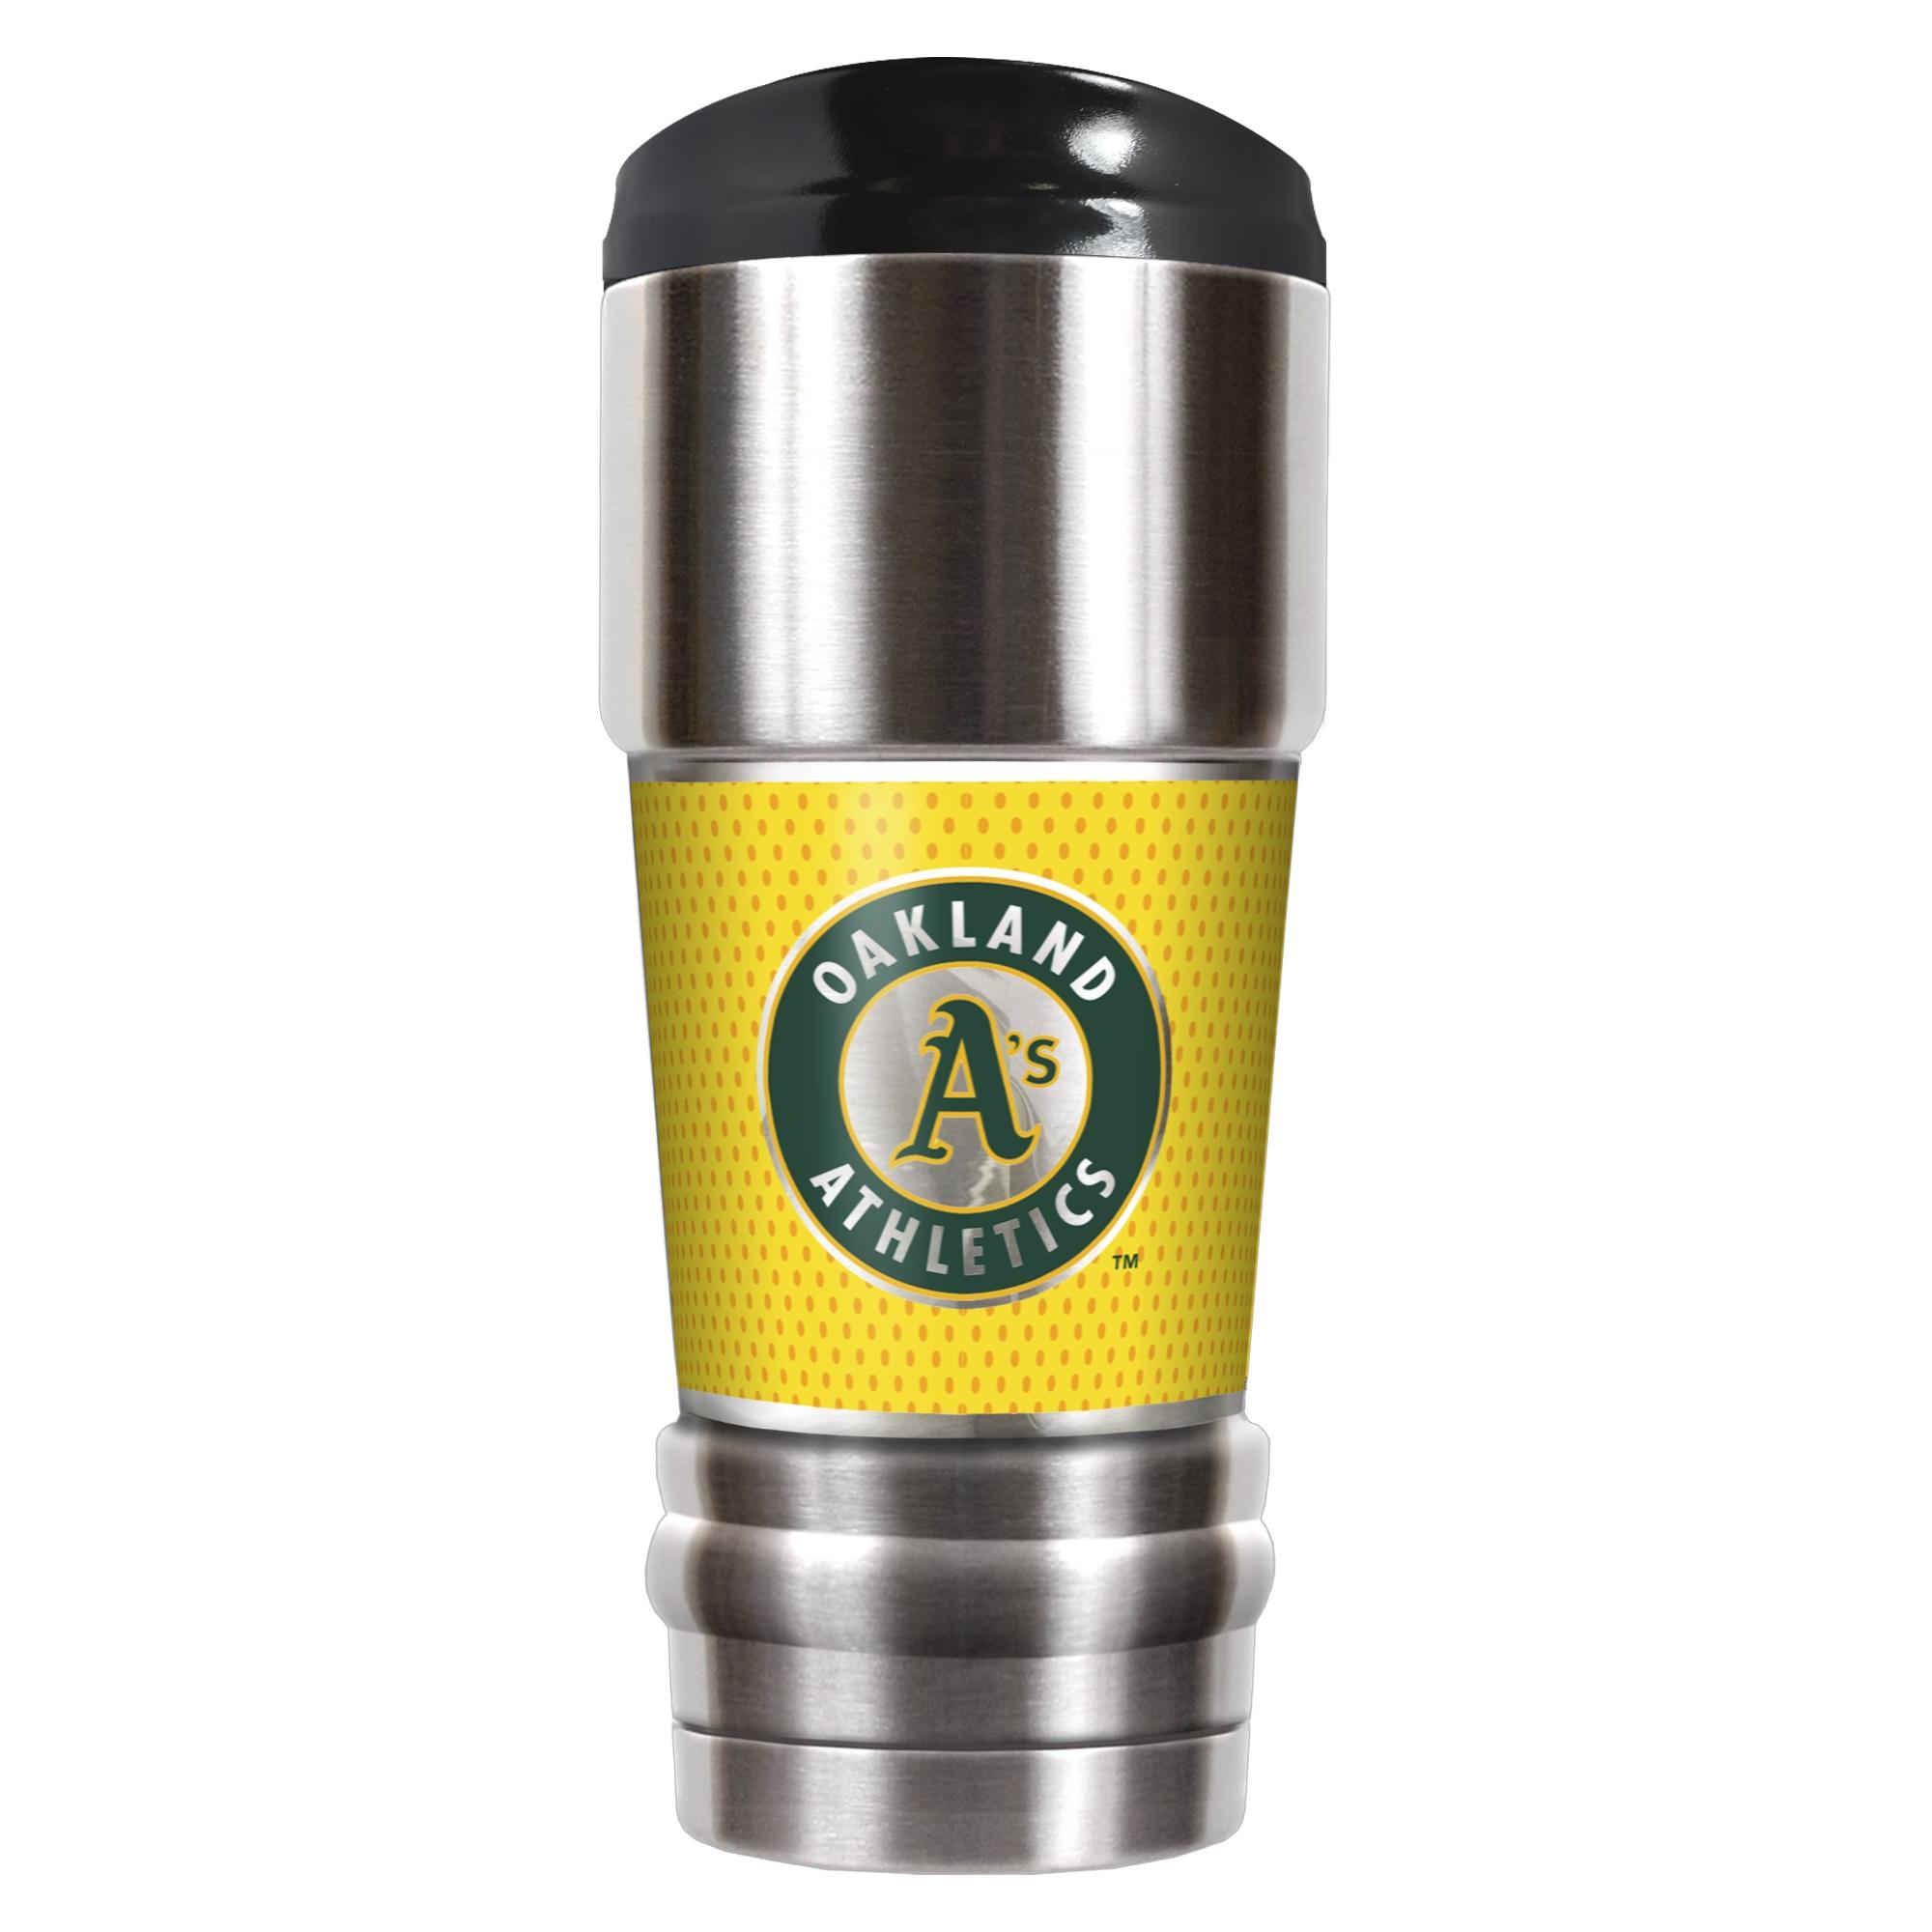 Oakland Athletics 2018 Players' Weekend 18oz. Vacuum-Insulated Travel Mug - No Size